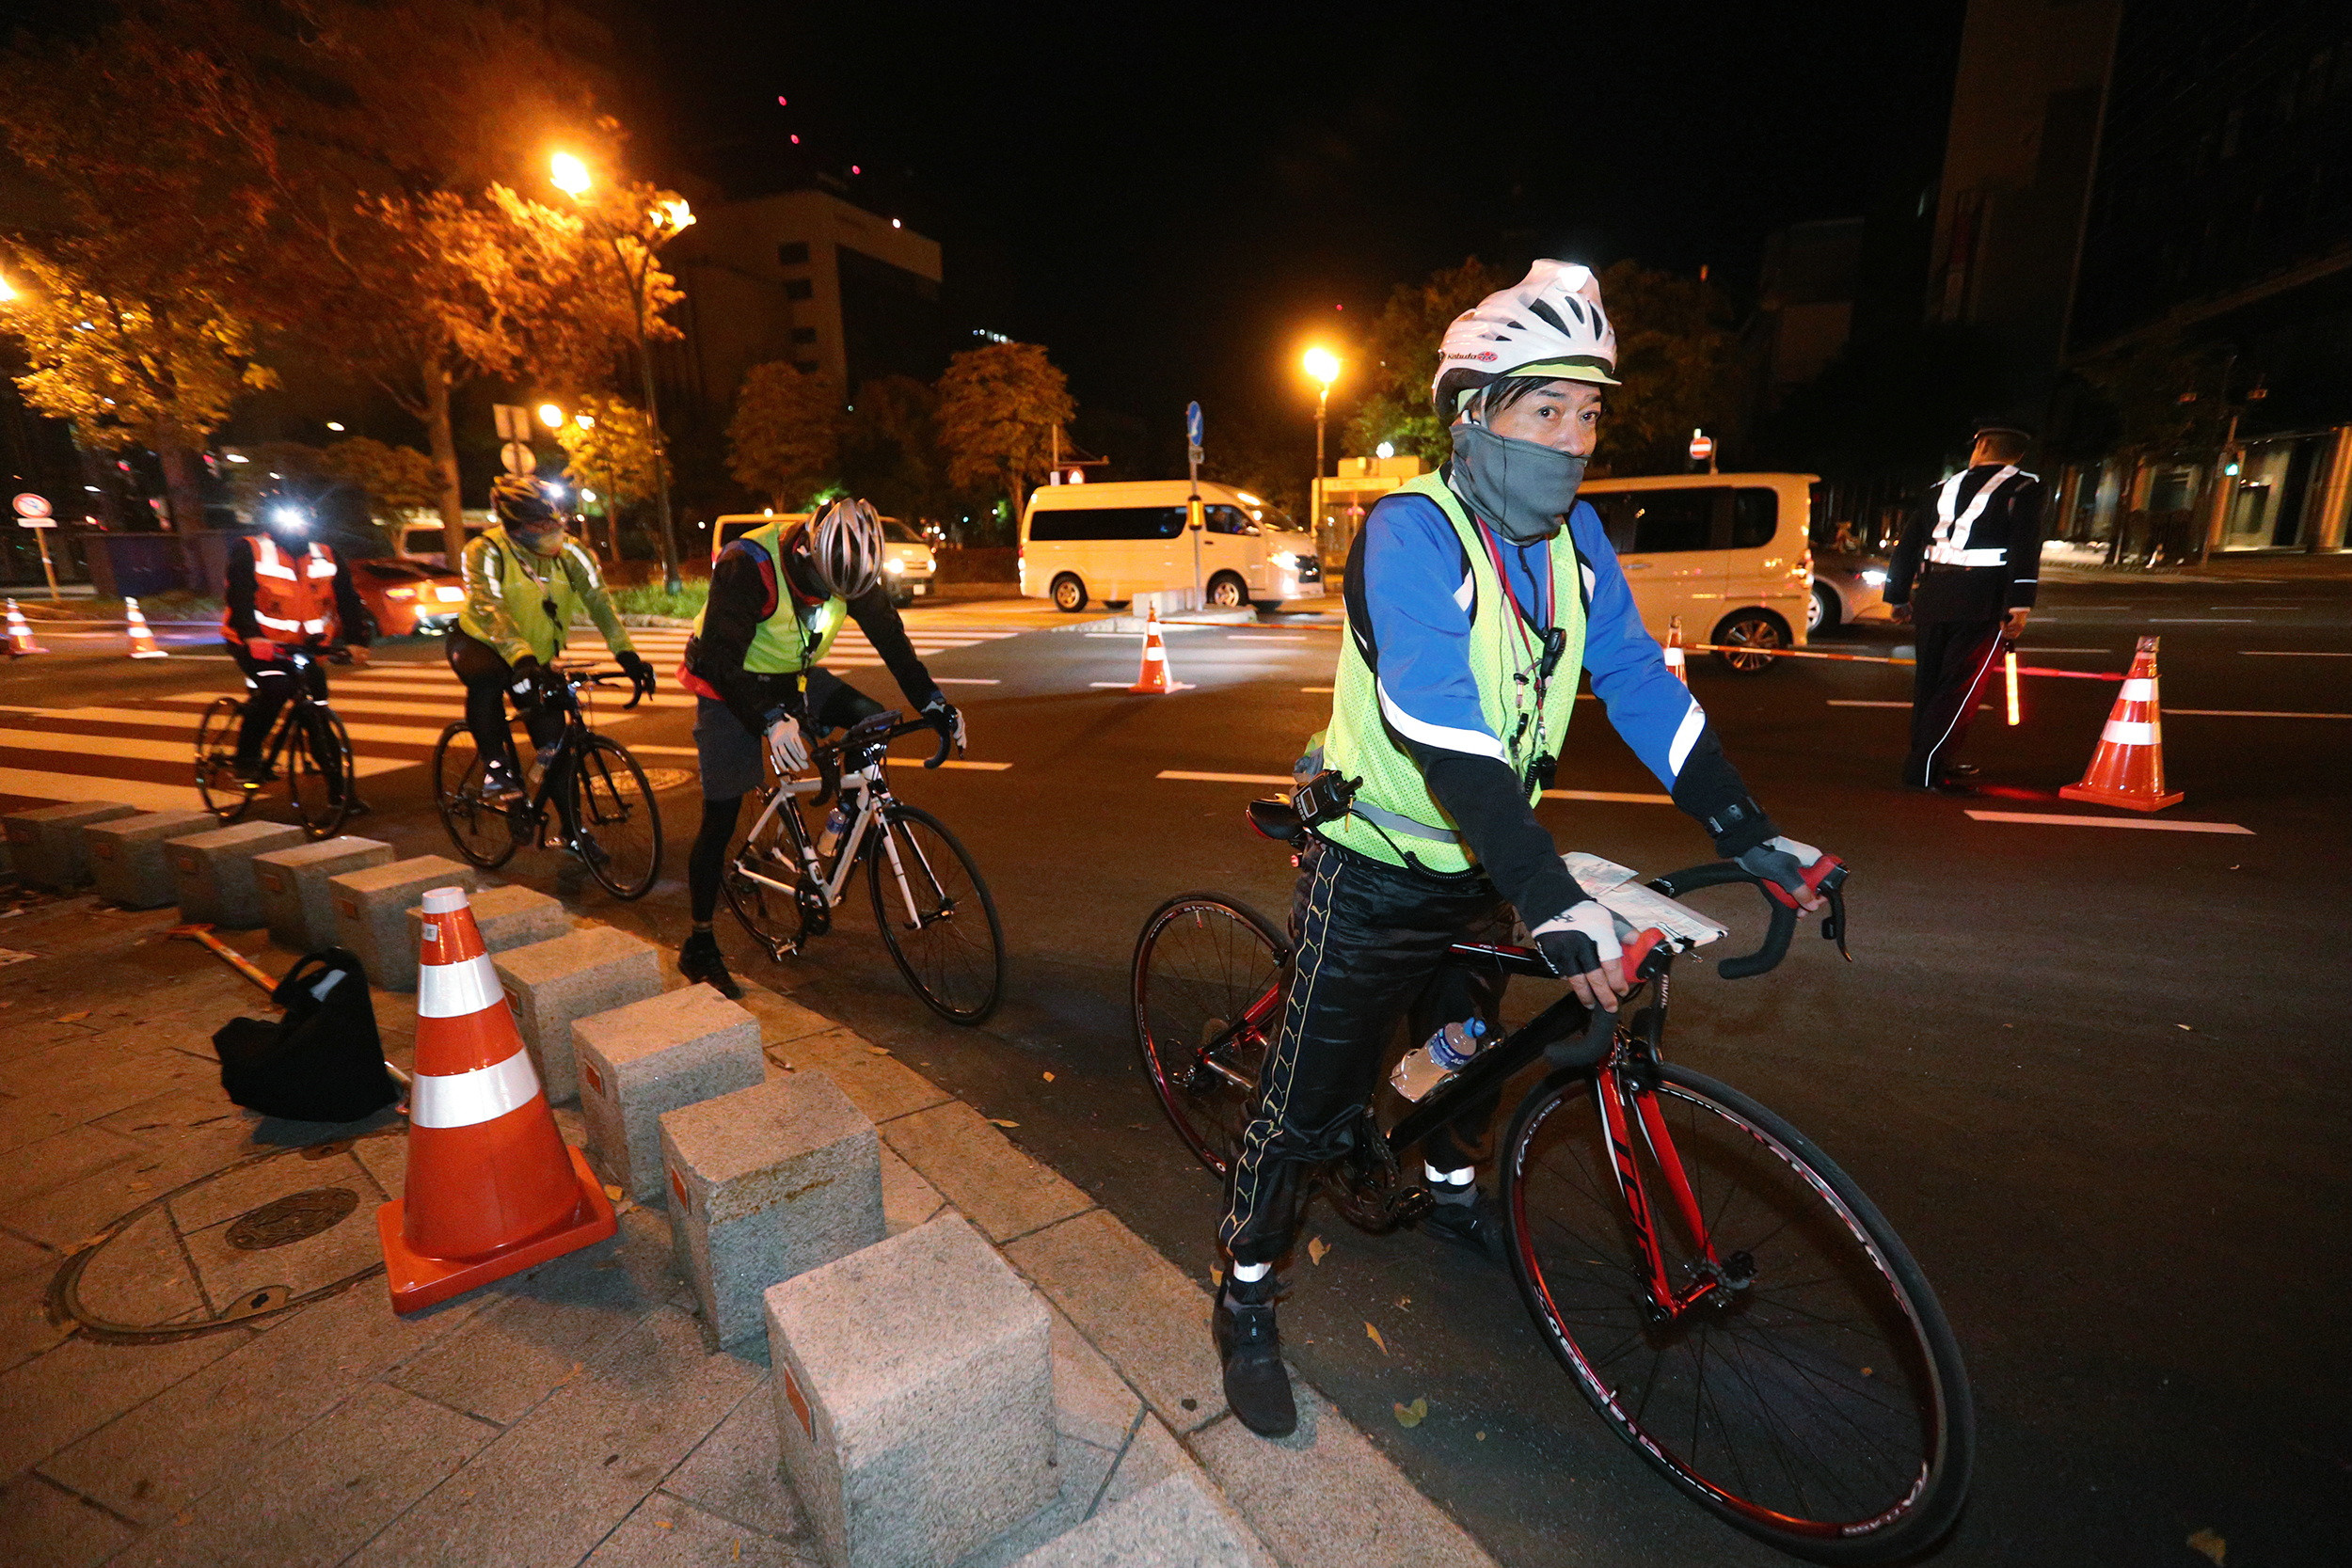 【マラソン】大会組織委員会、WA関係者が五輪マラソンコースを計測